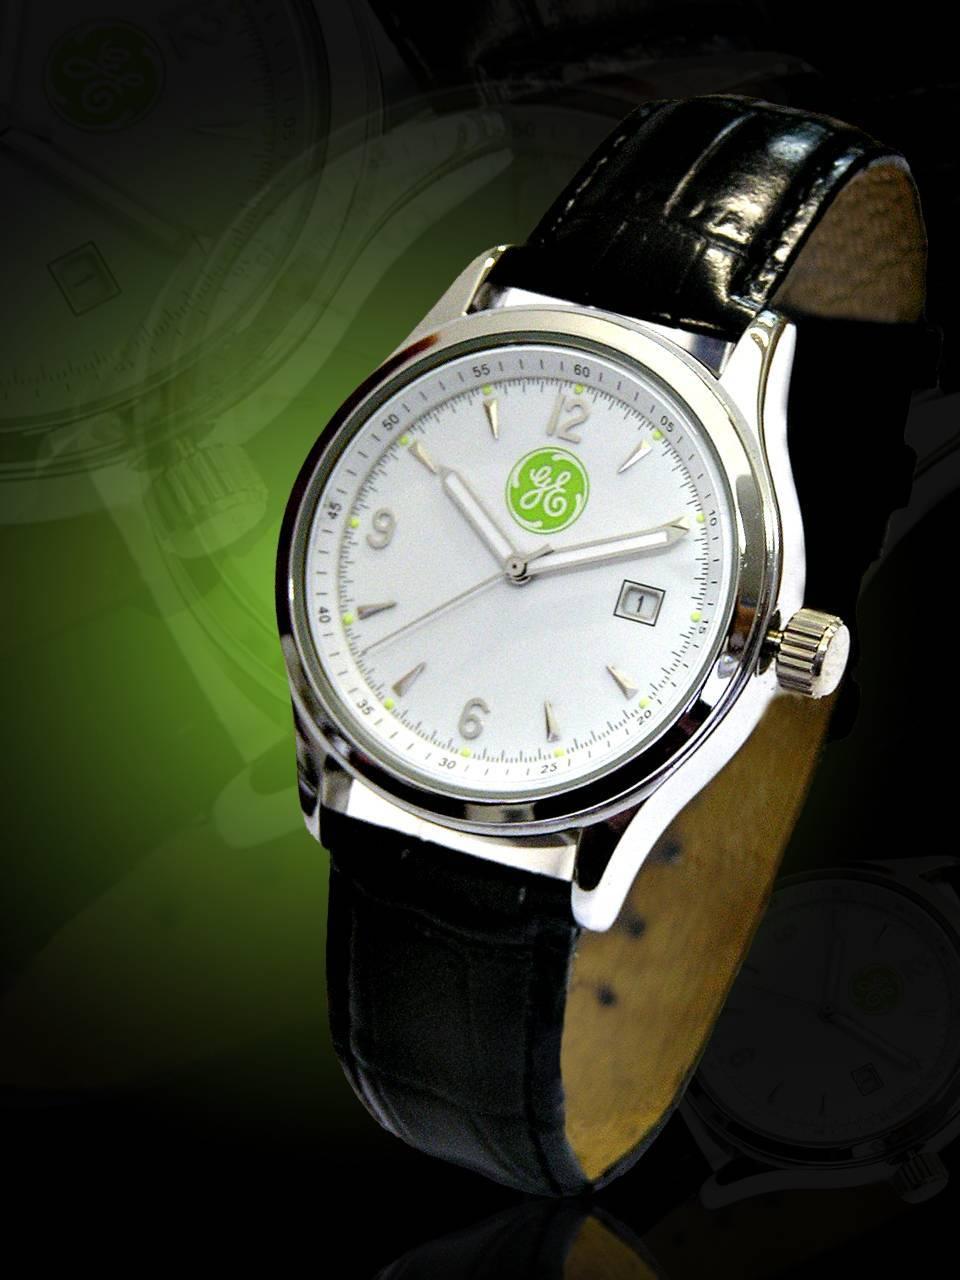 [SUPER DEAL]Gift watch